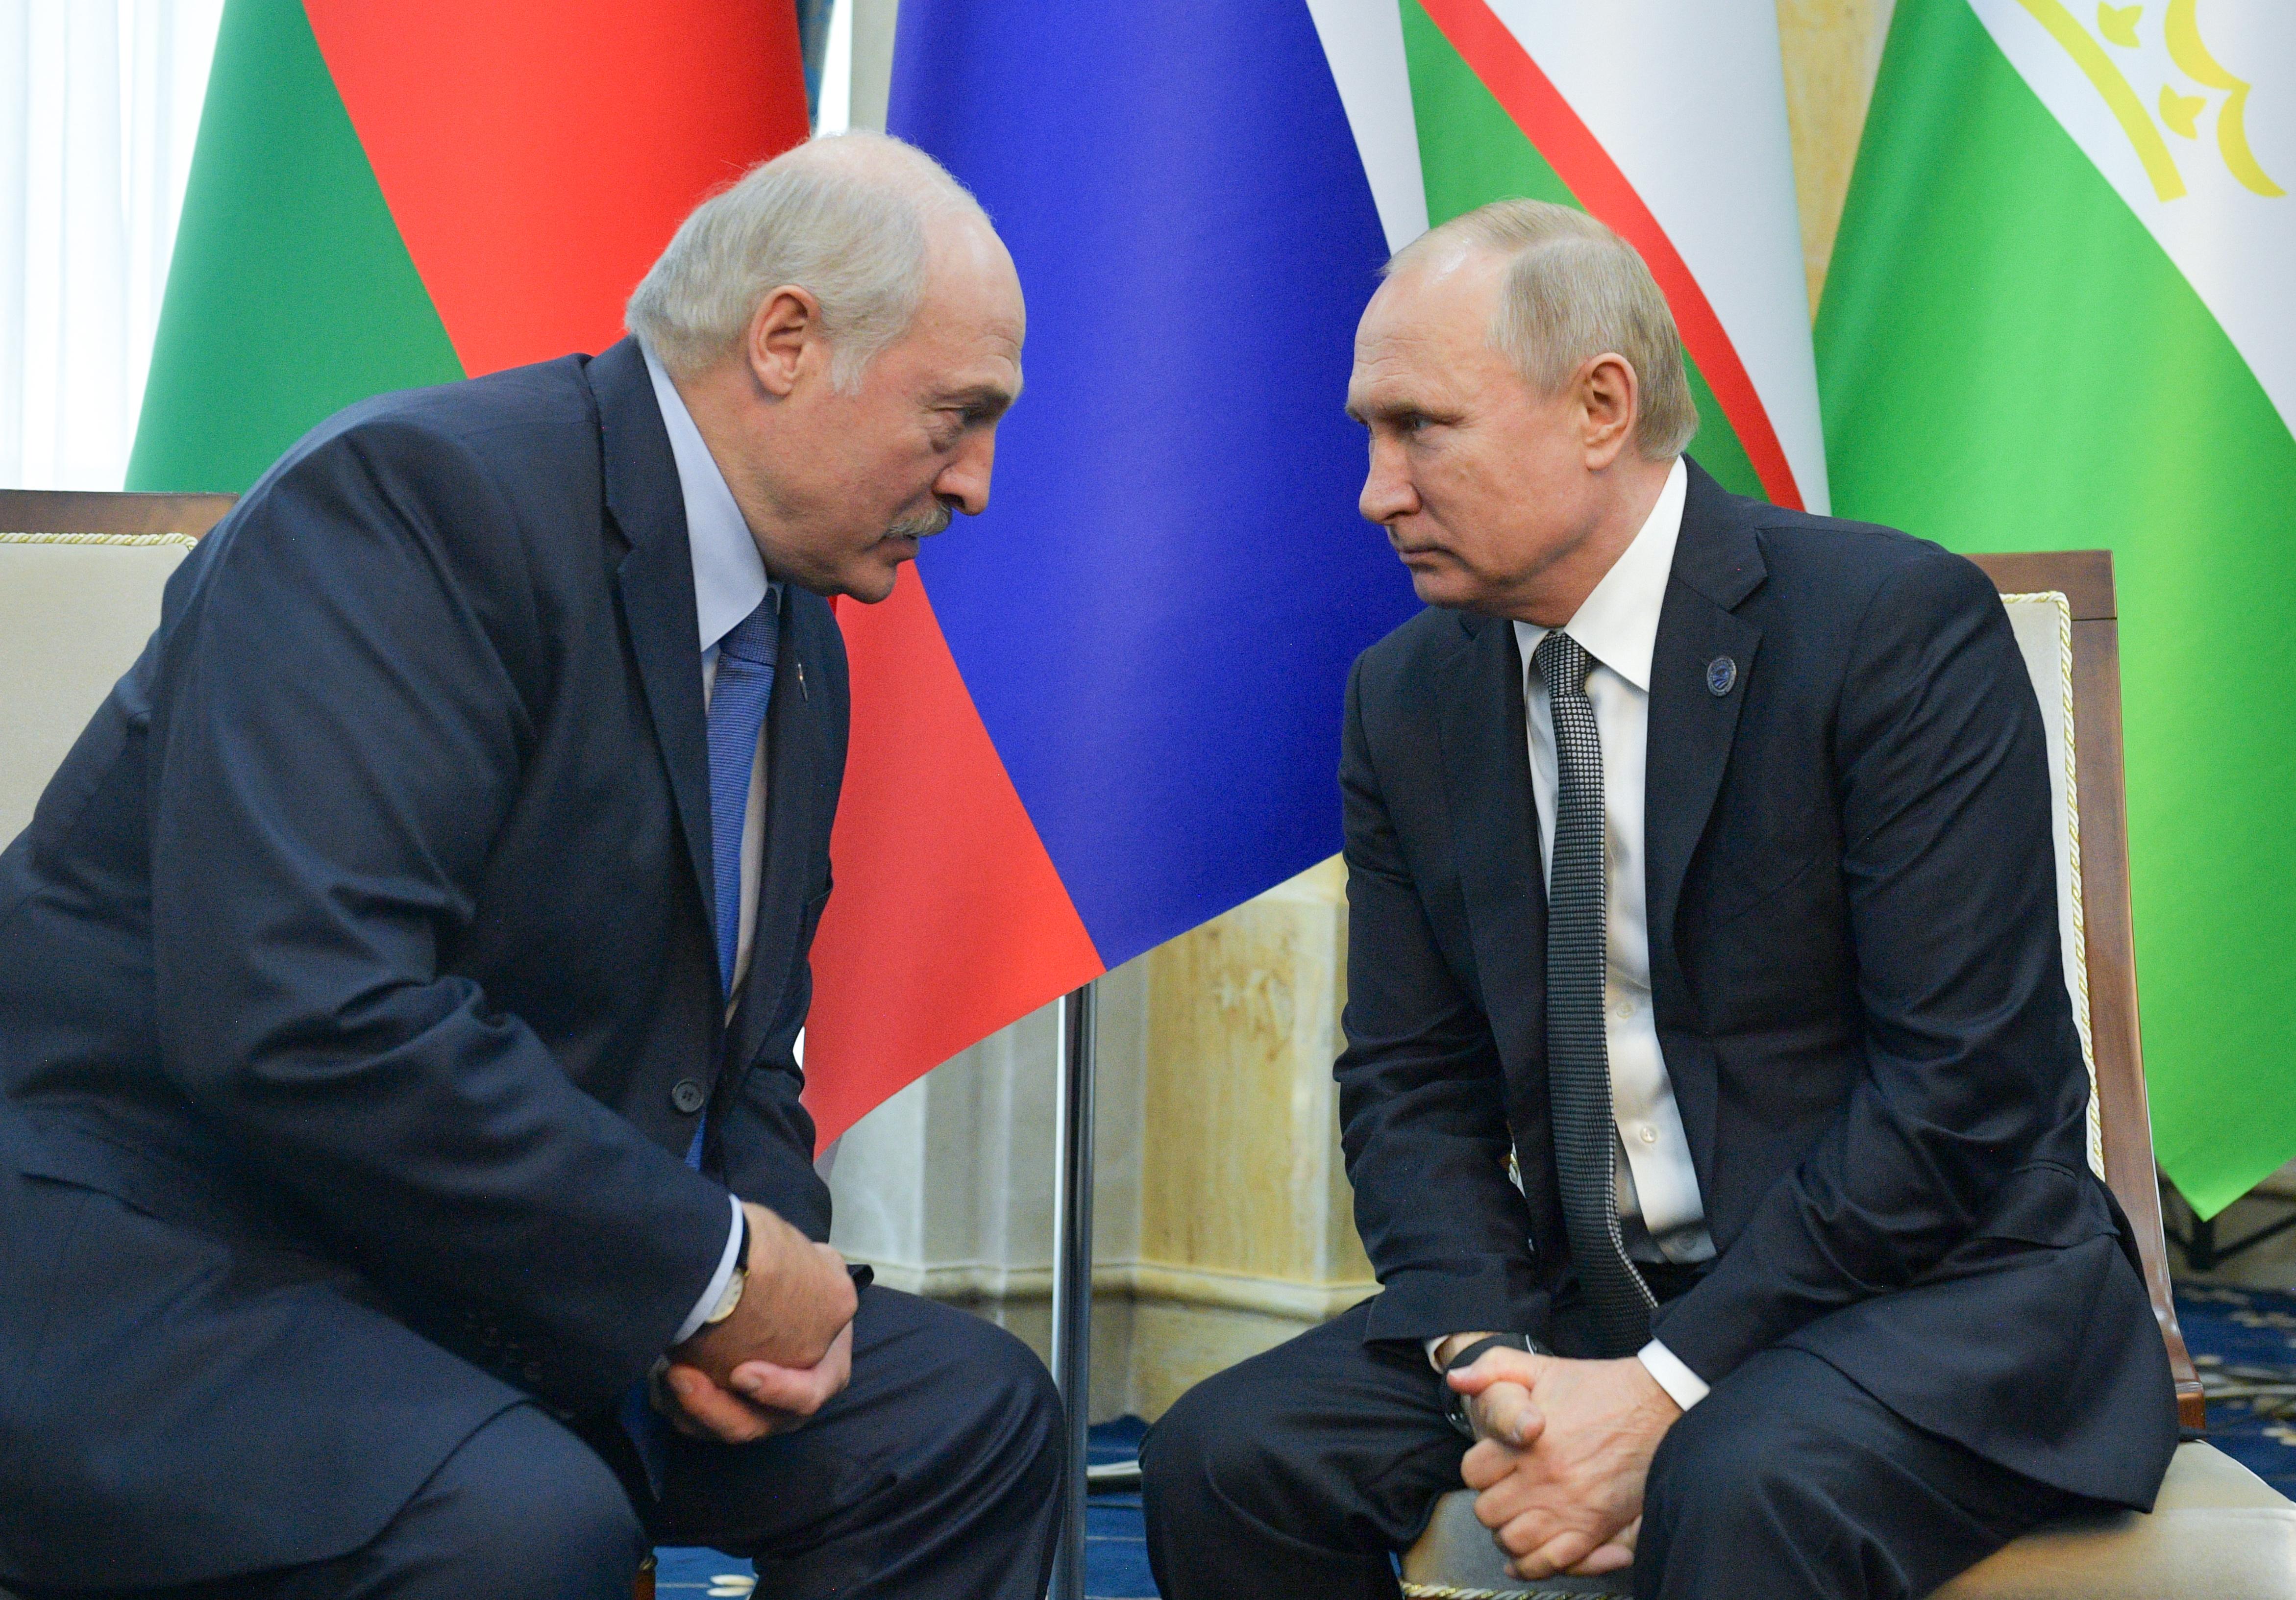 Якая з гэтых цытат пра інтэграцыю з Расеяй належыць Лукашэнку?